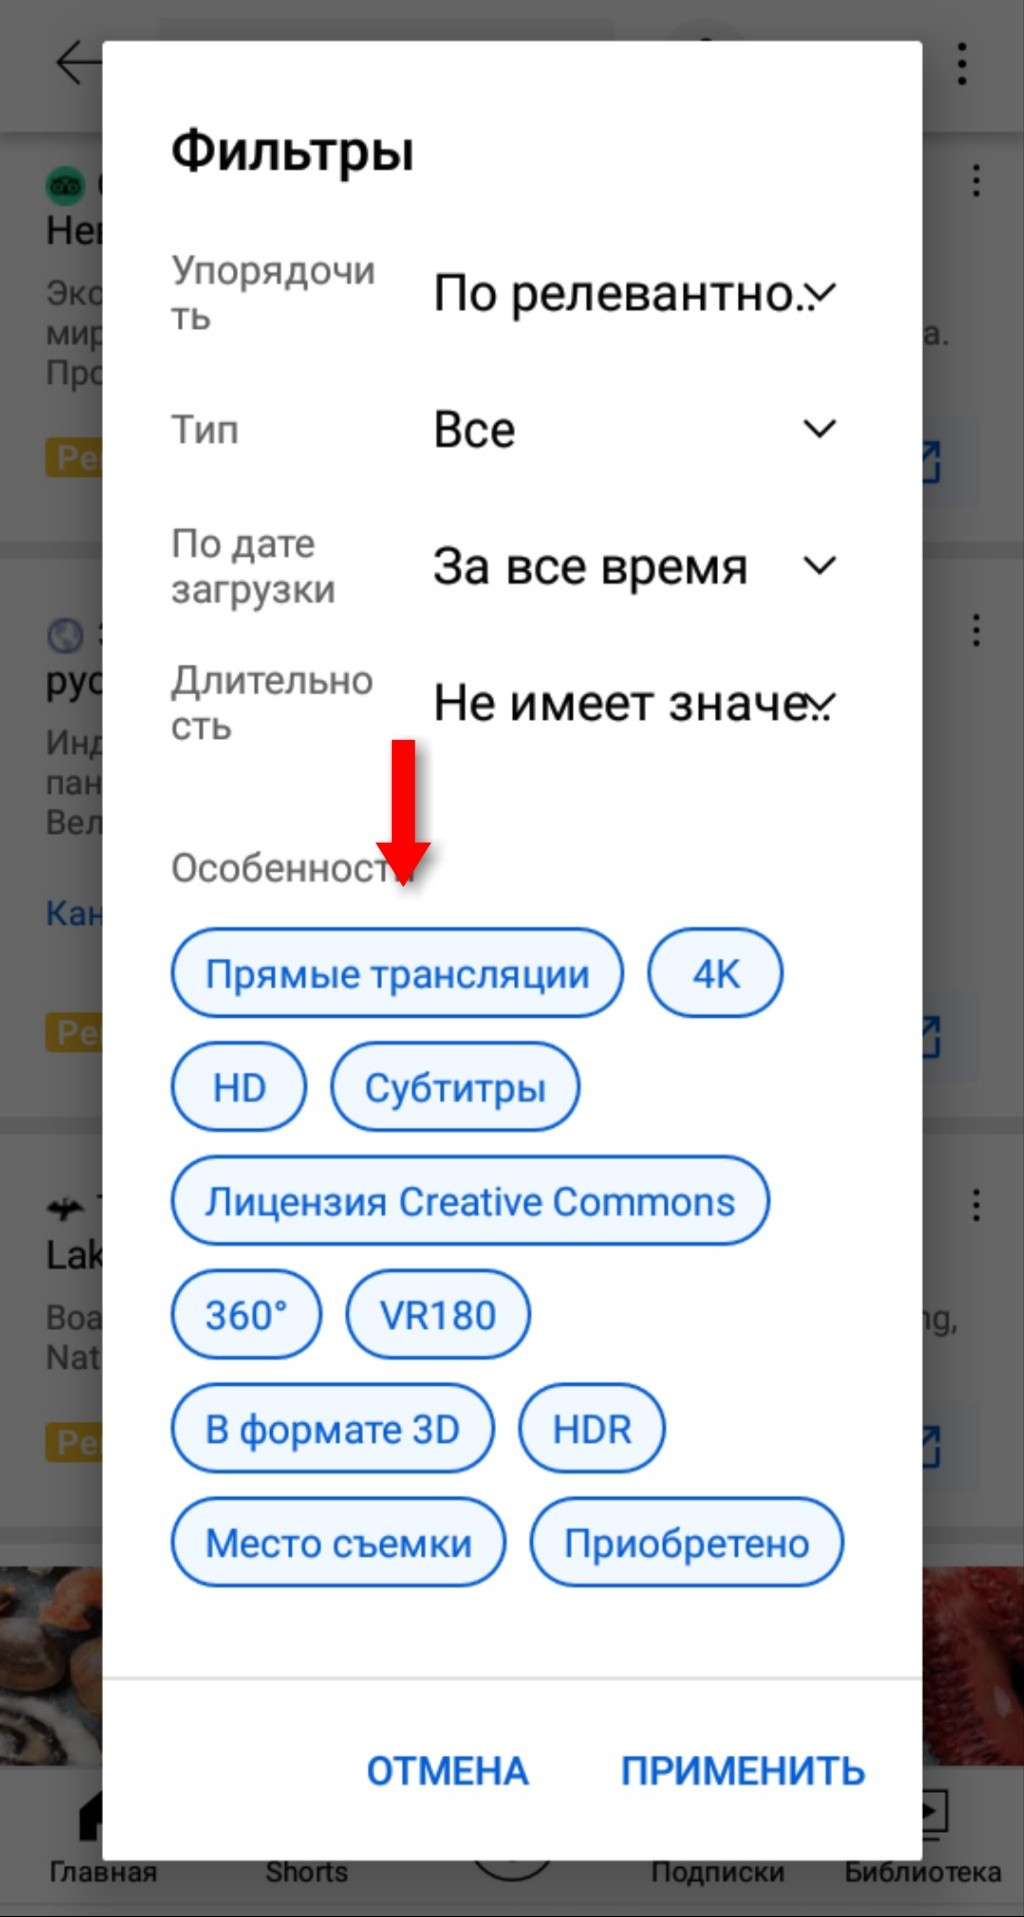 InFrame_1628015754700.jpg